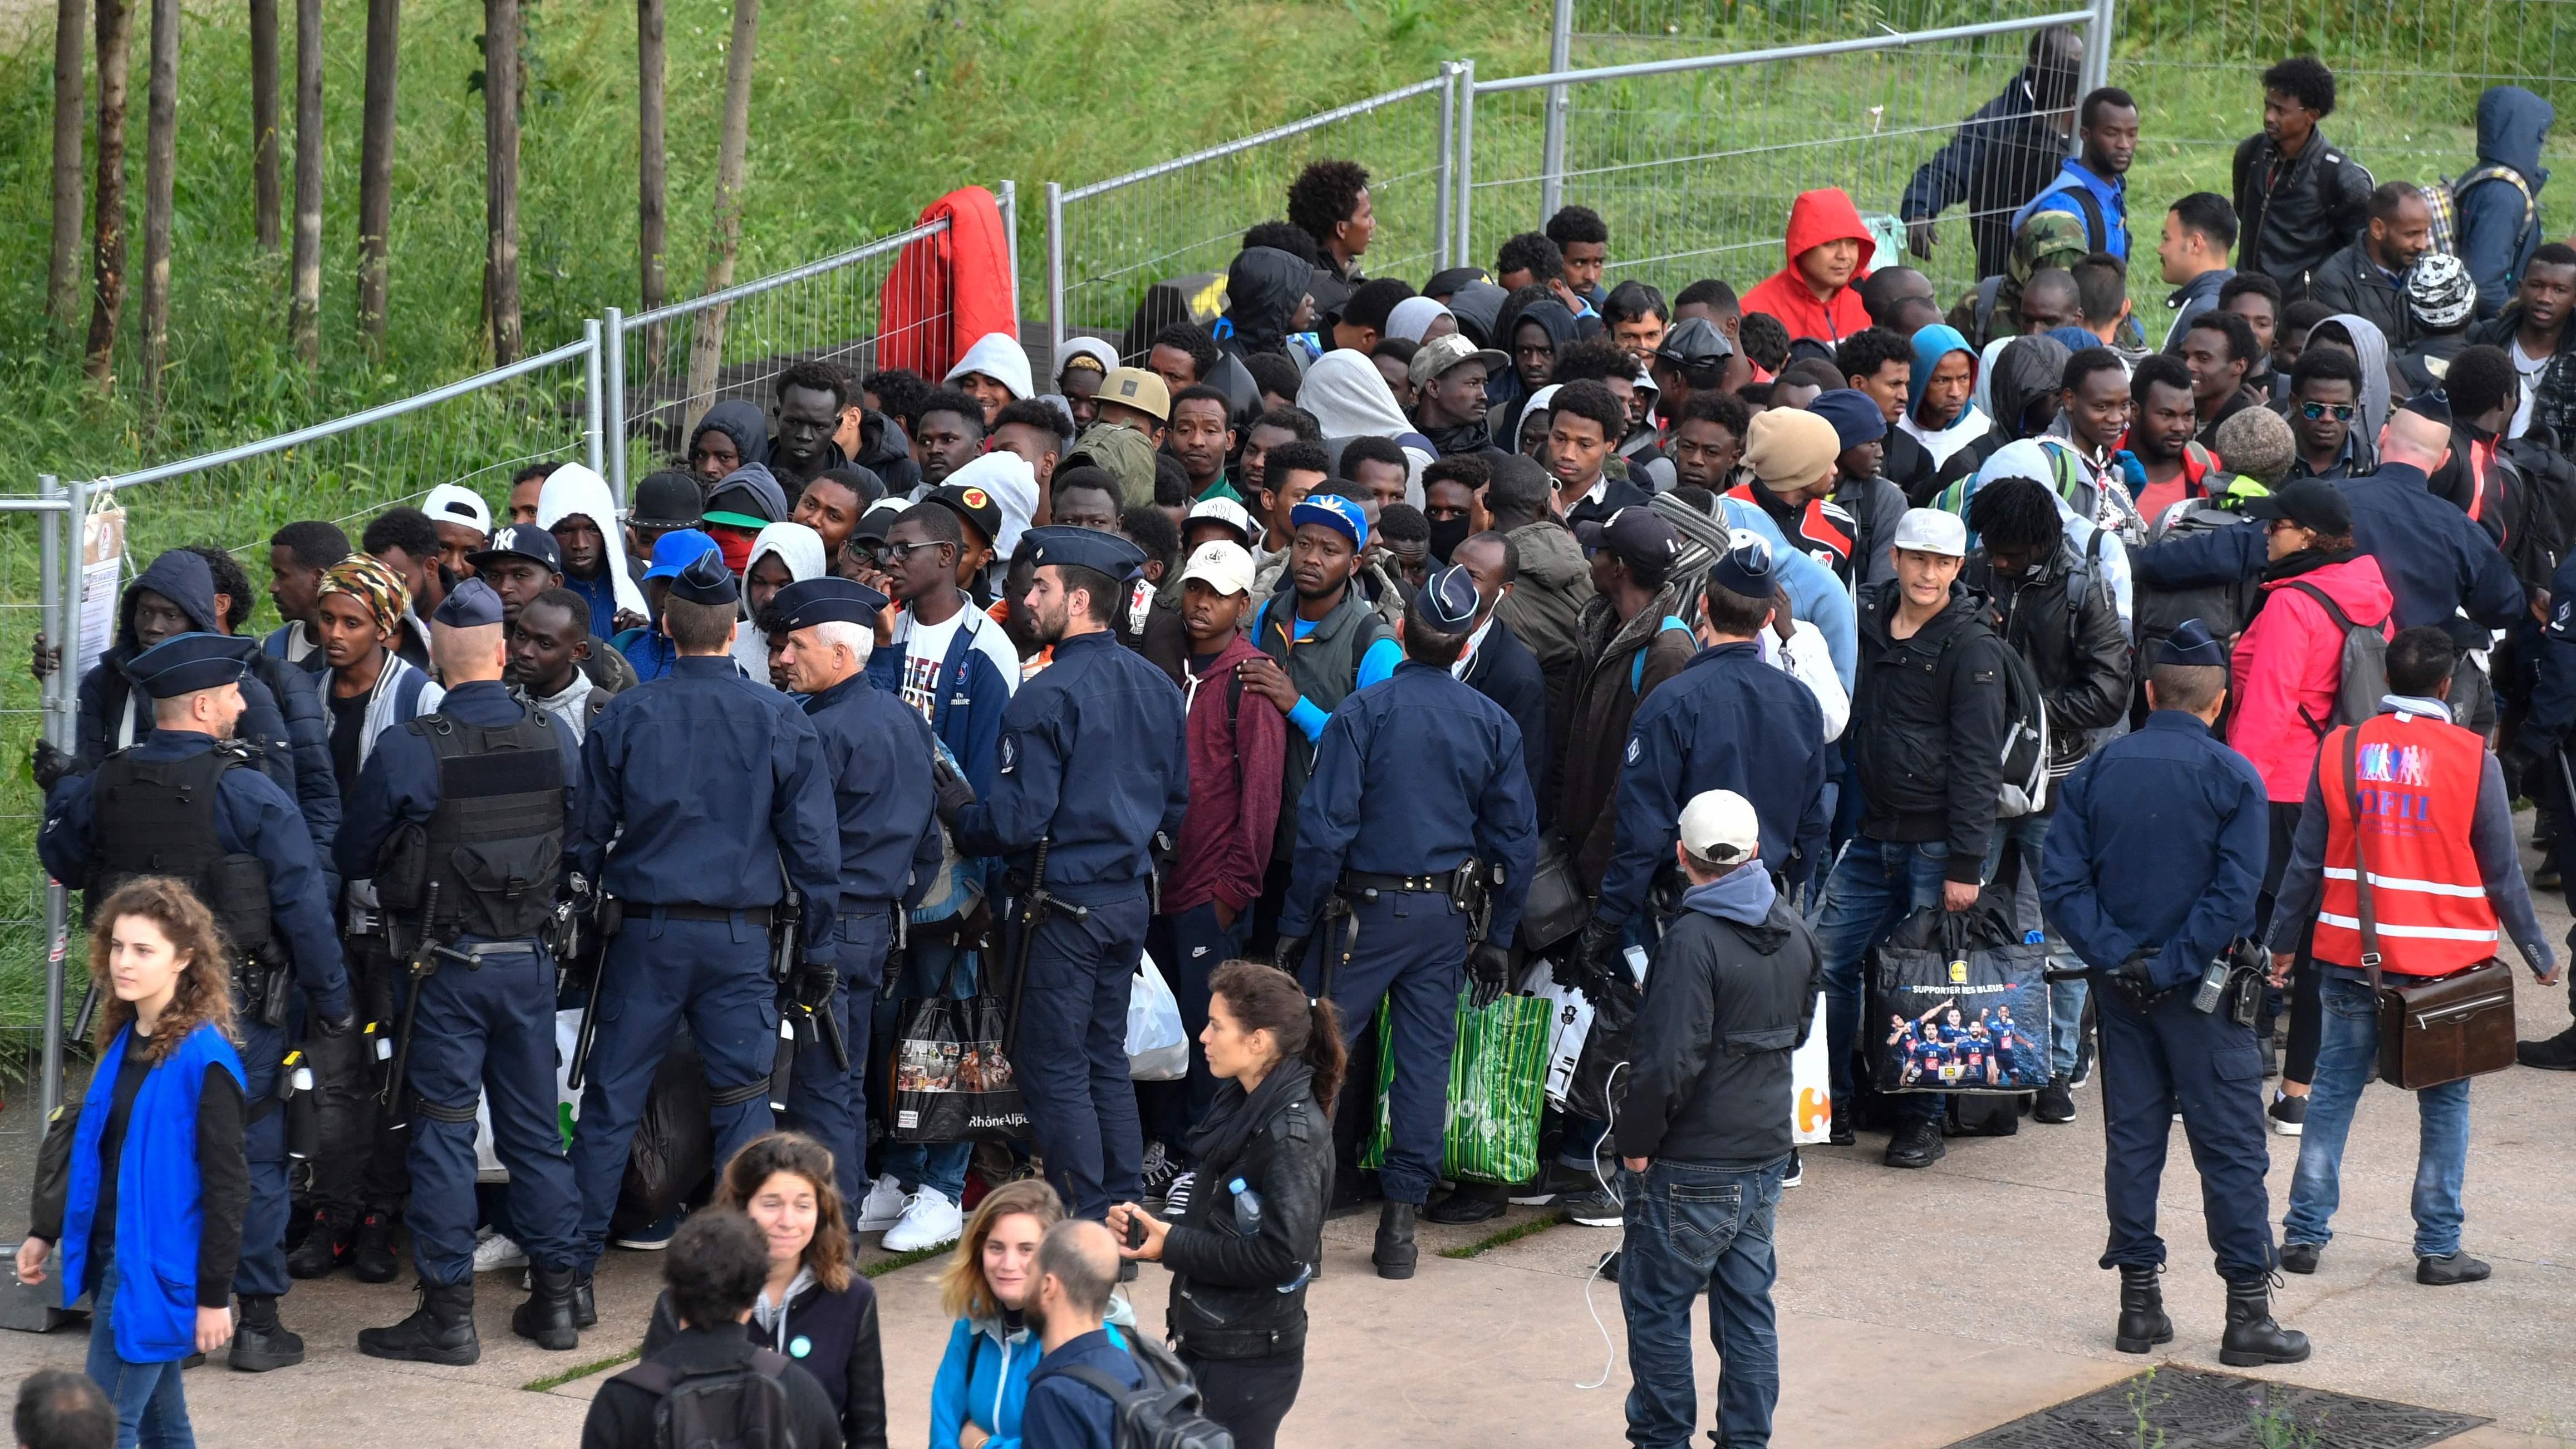 الشرطة الفرنسية تضبط عملية اخلاء المهاجرين فى باريس